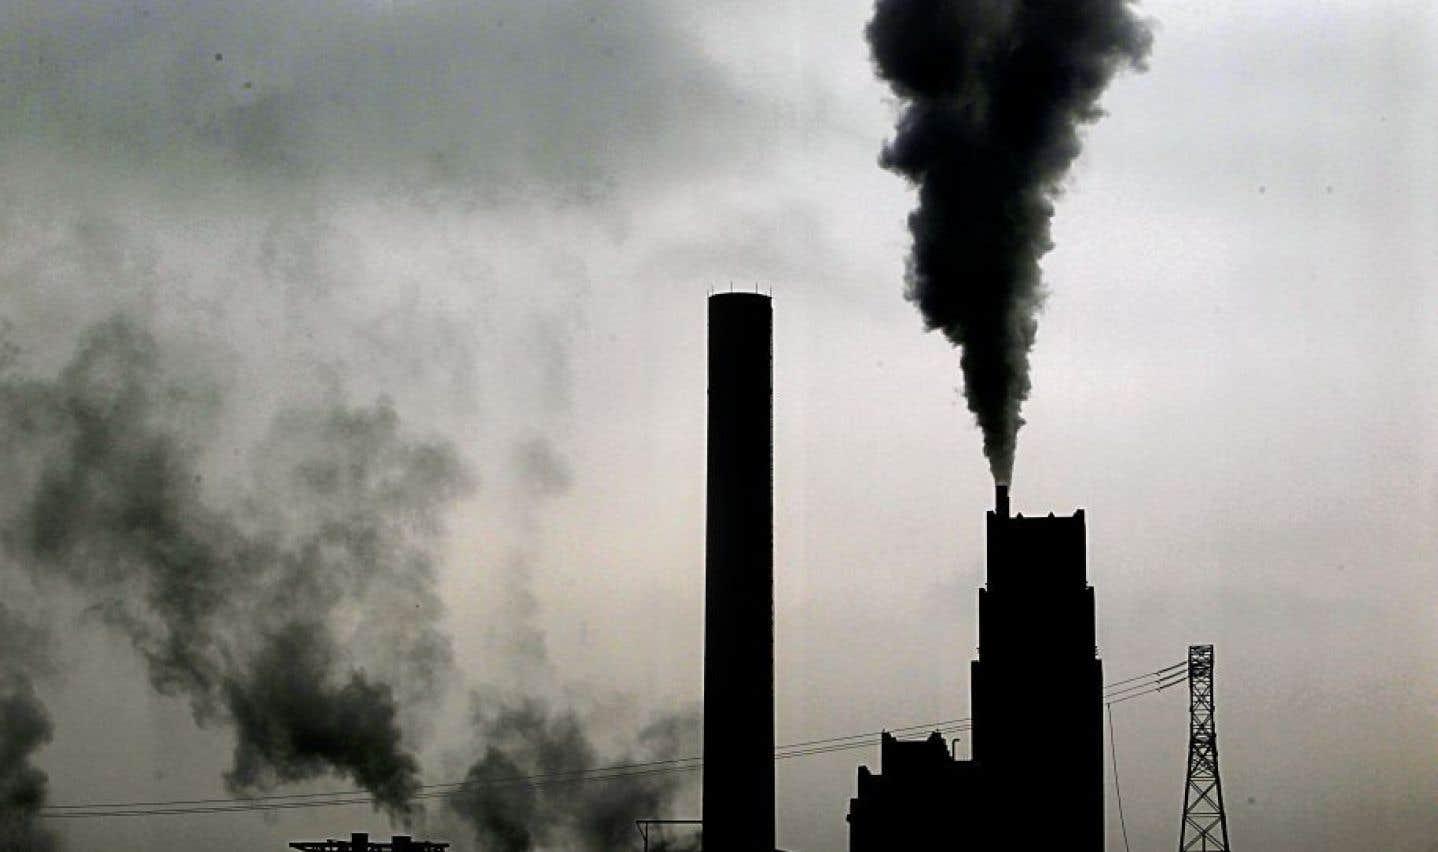 Le gouvernement Trudeau imposera une taxe carbone dès 2018